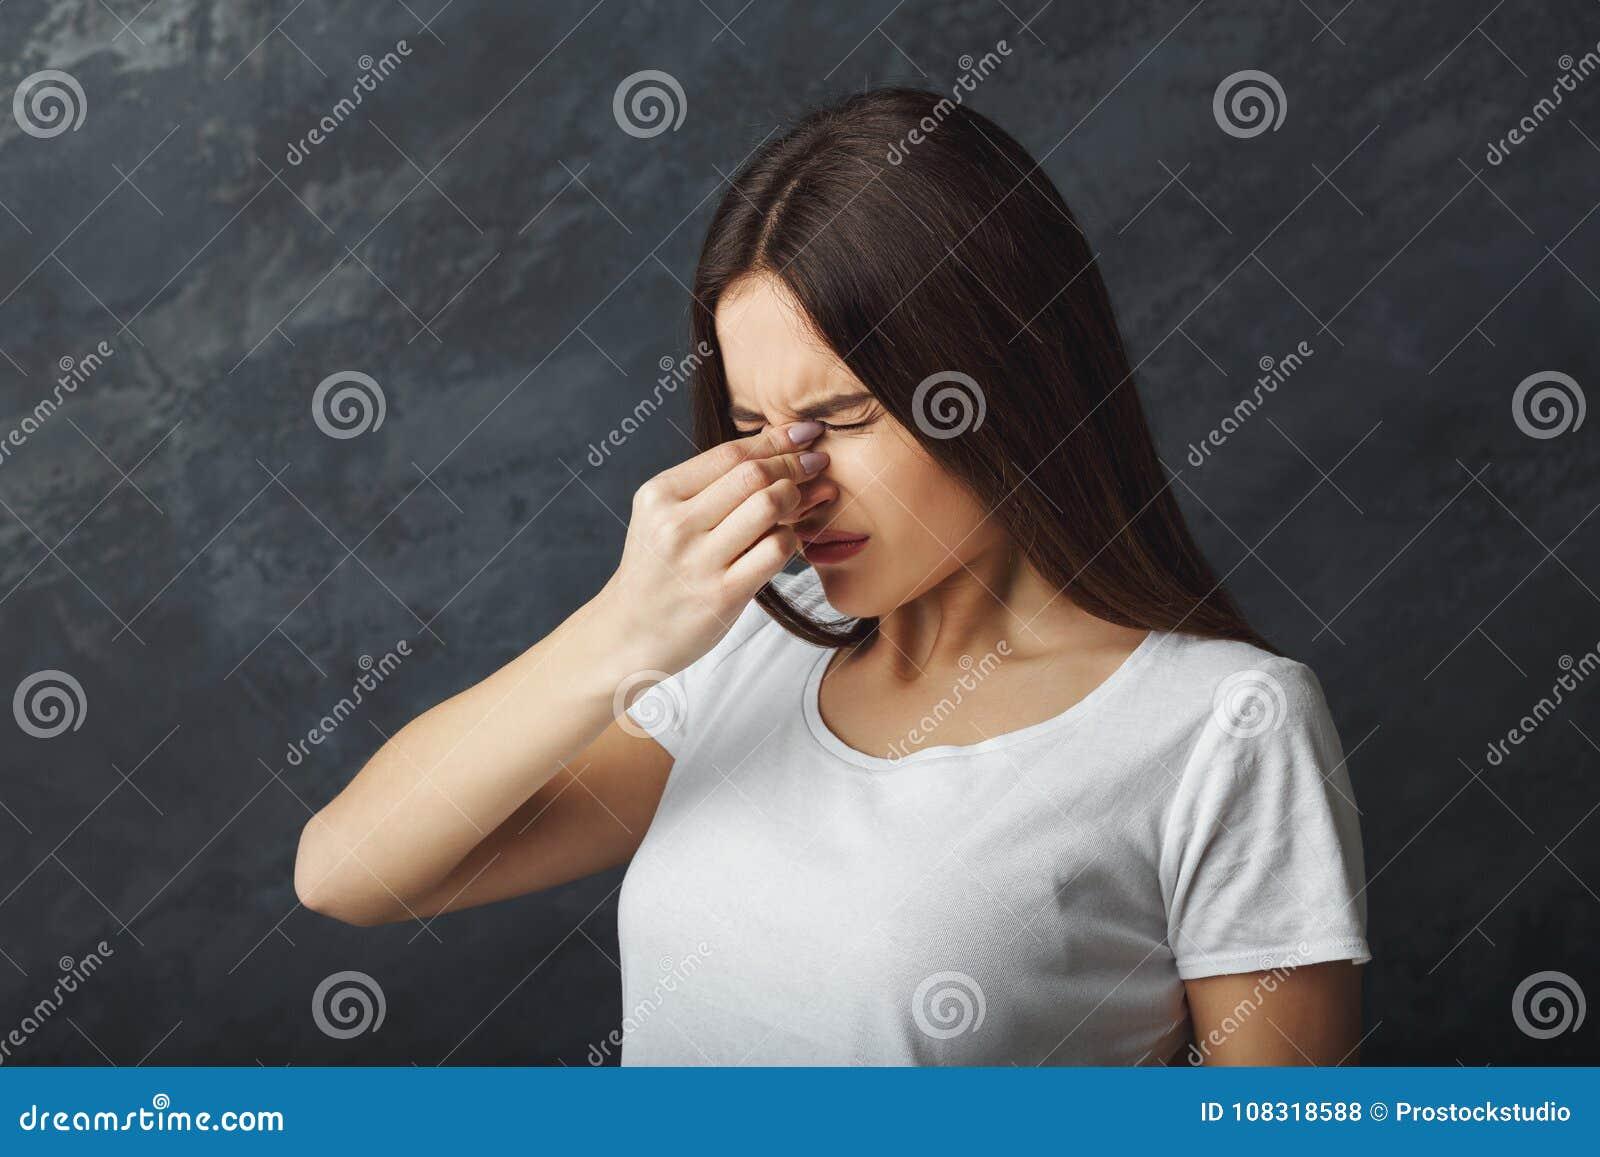 Το πορτρέτο της νέας γυναίκας έχει τον πονοκέφαλο